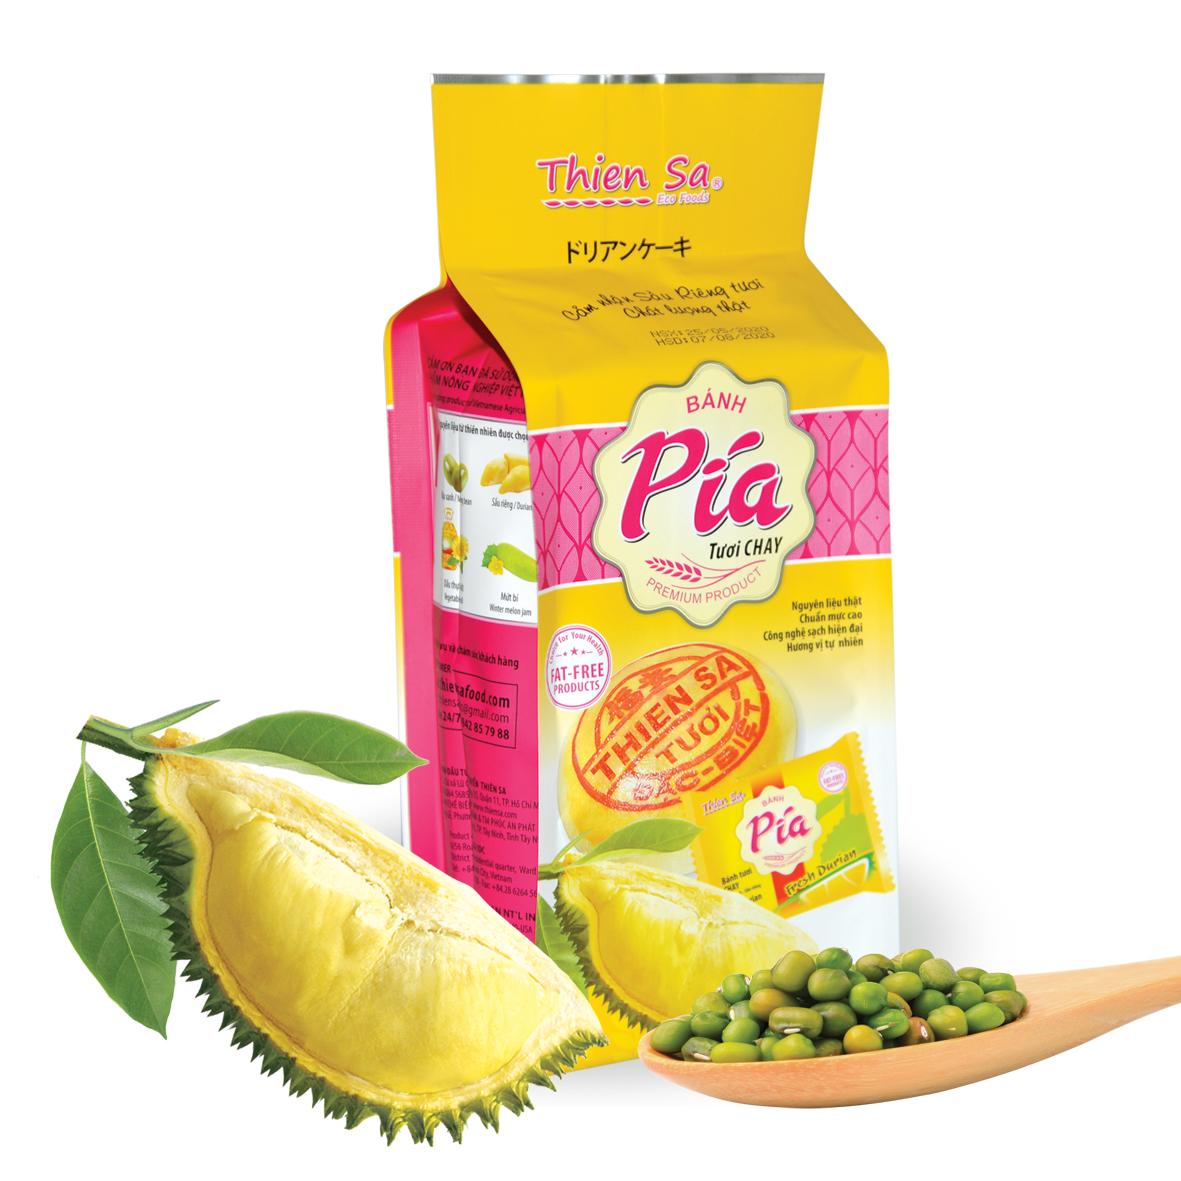 Bánh Pía sầu riêng tươi Chay Thiên Sa